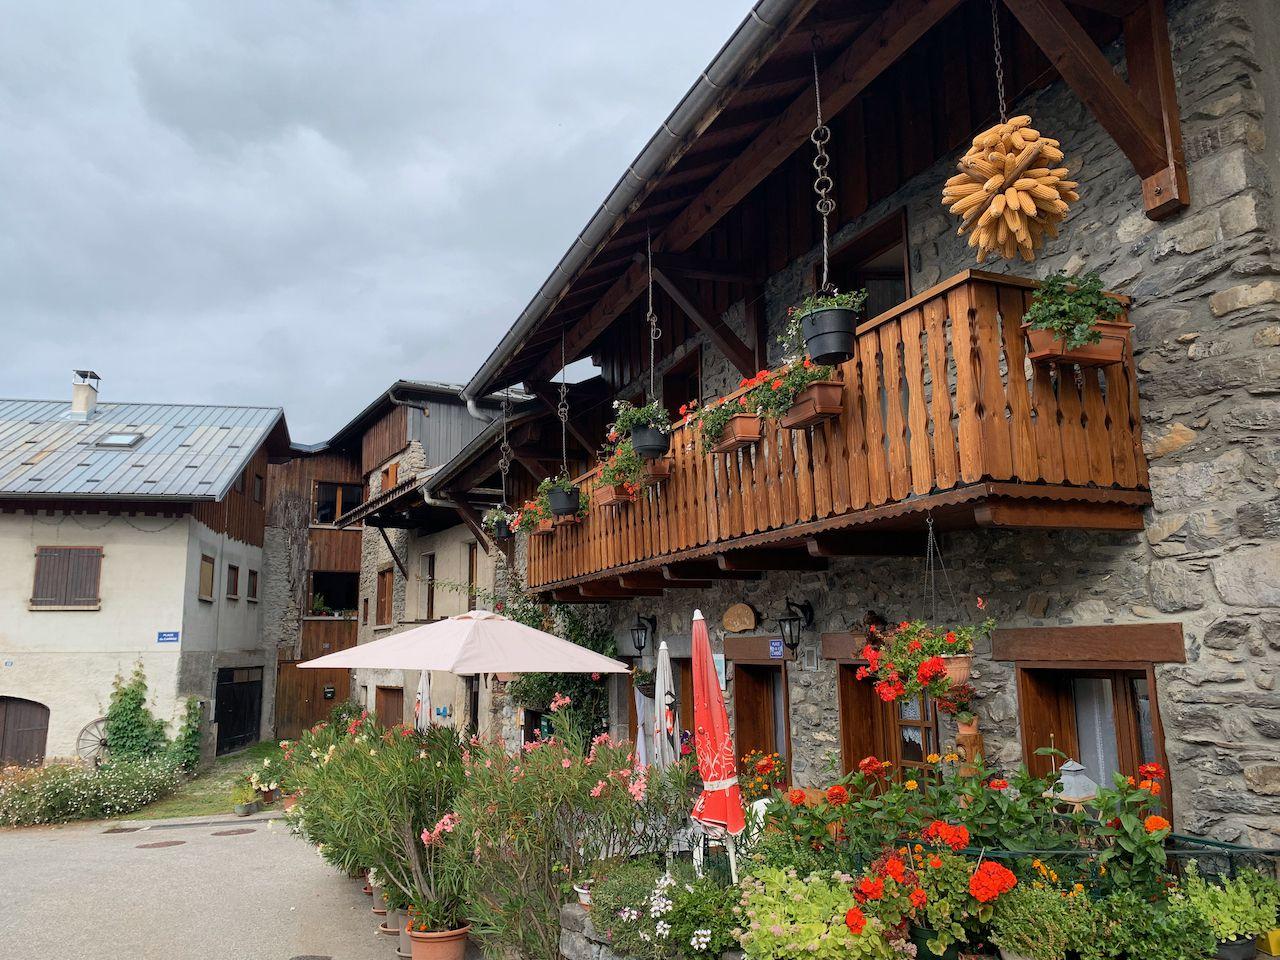 Commune de Grésy-sur-Isère(38)